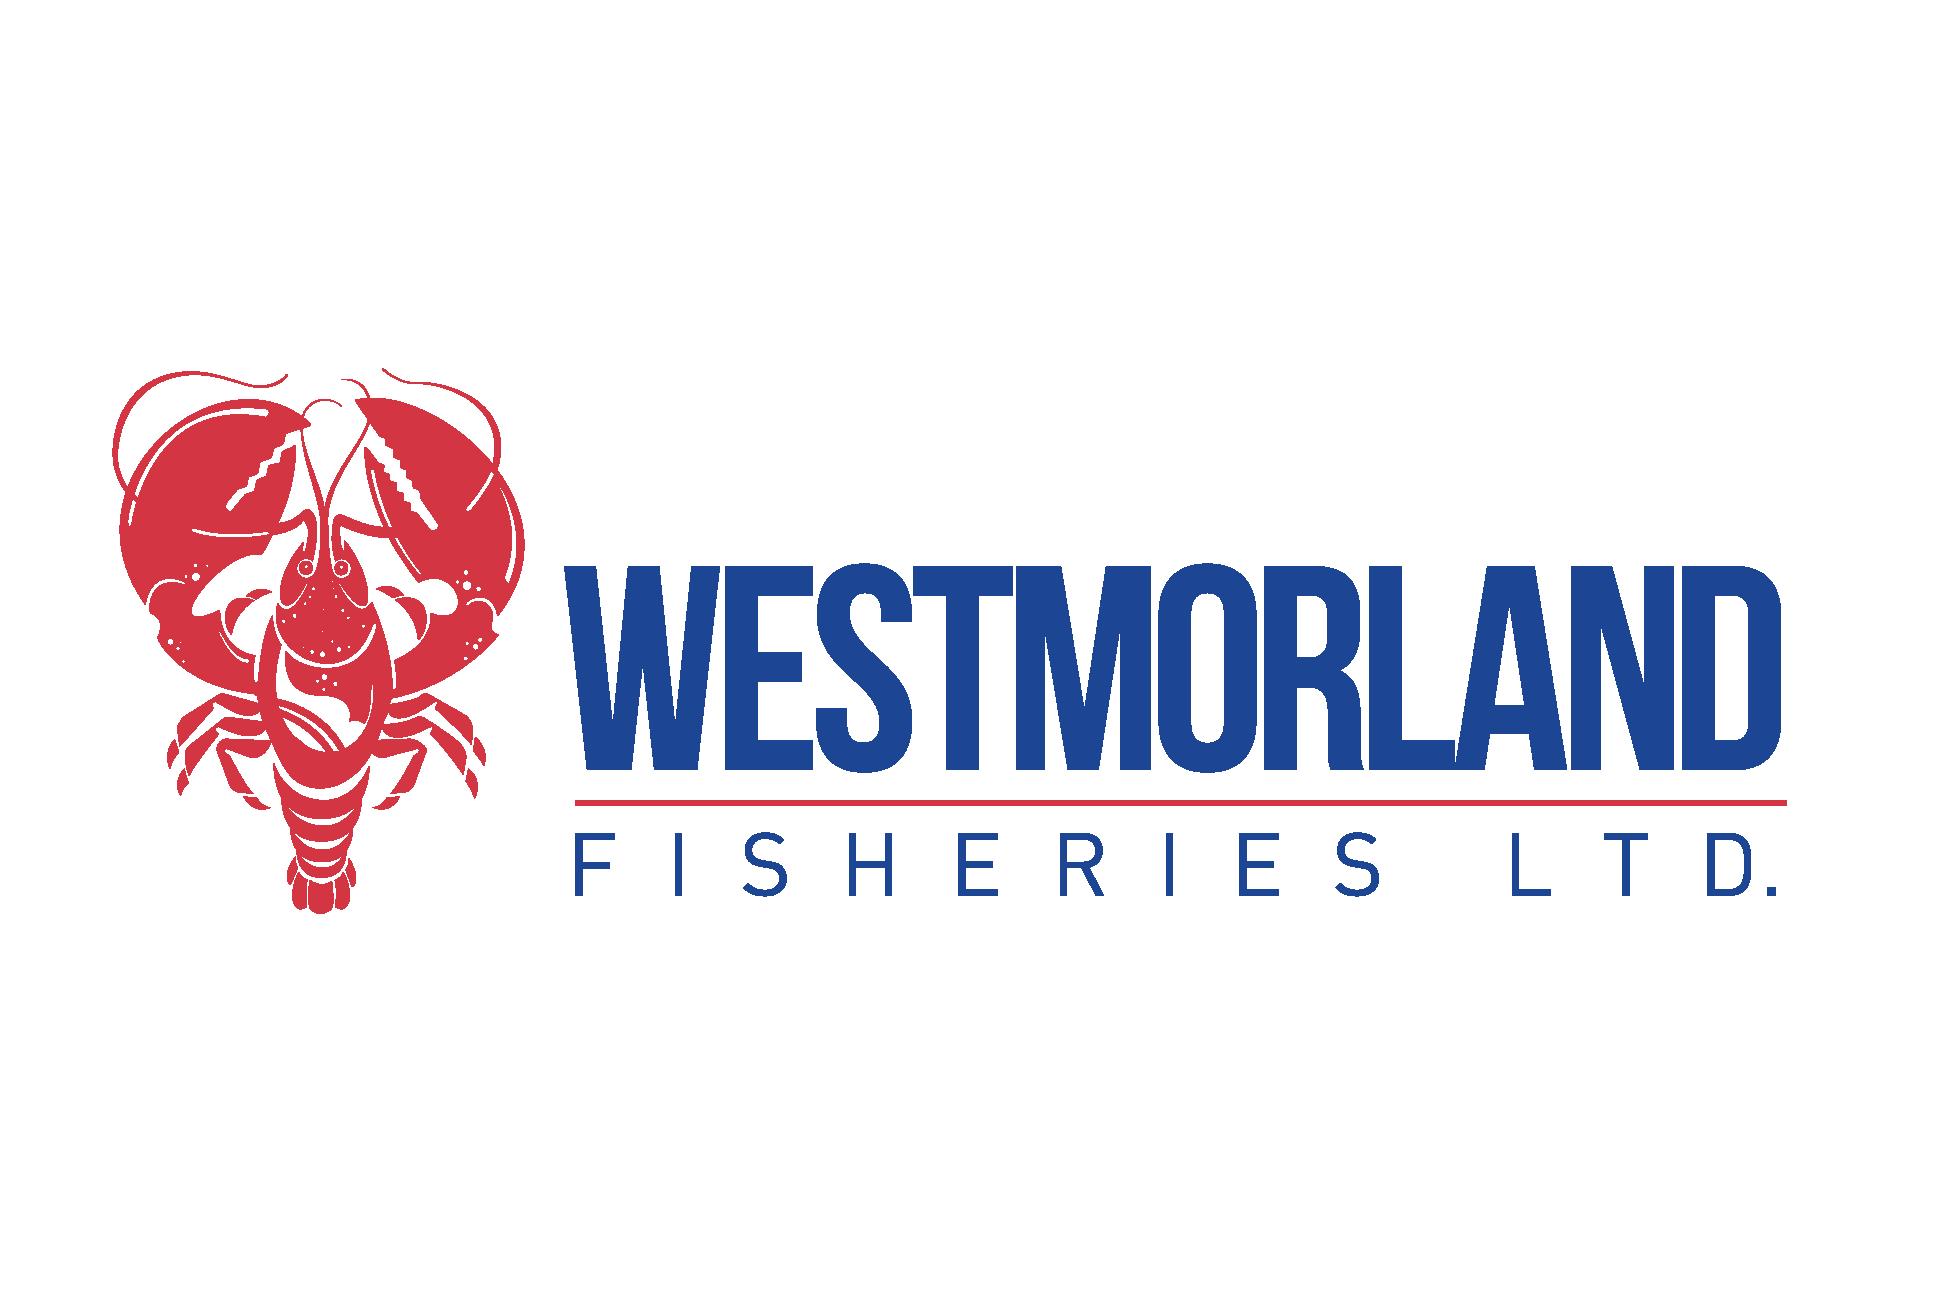 Westmorland Fisheries